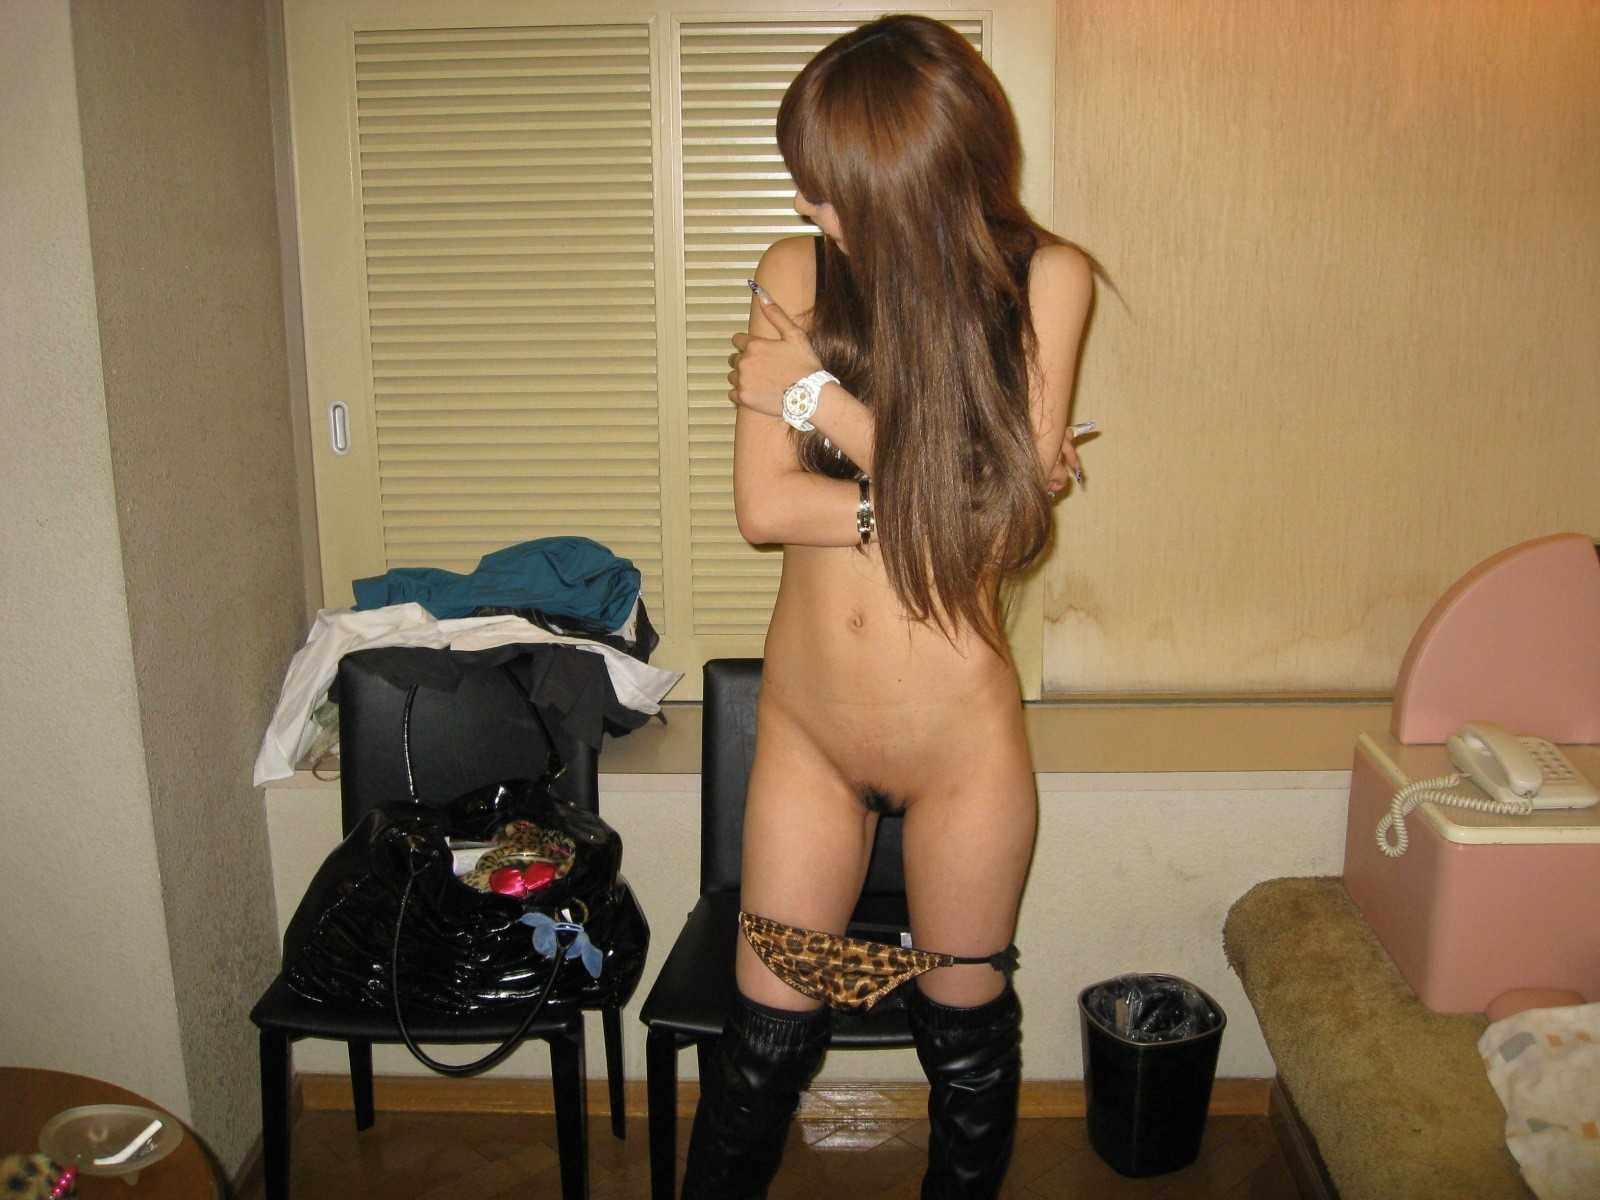 彼女のパンティー脱ぎかけ姿がエロすぎて隠し撮りした結果wwwwwwwwwww 0527